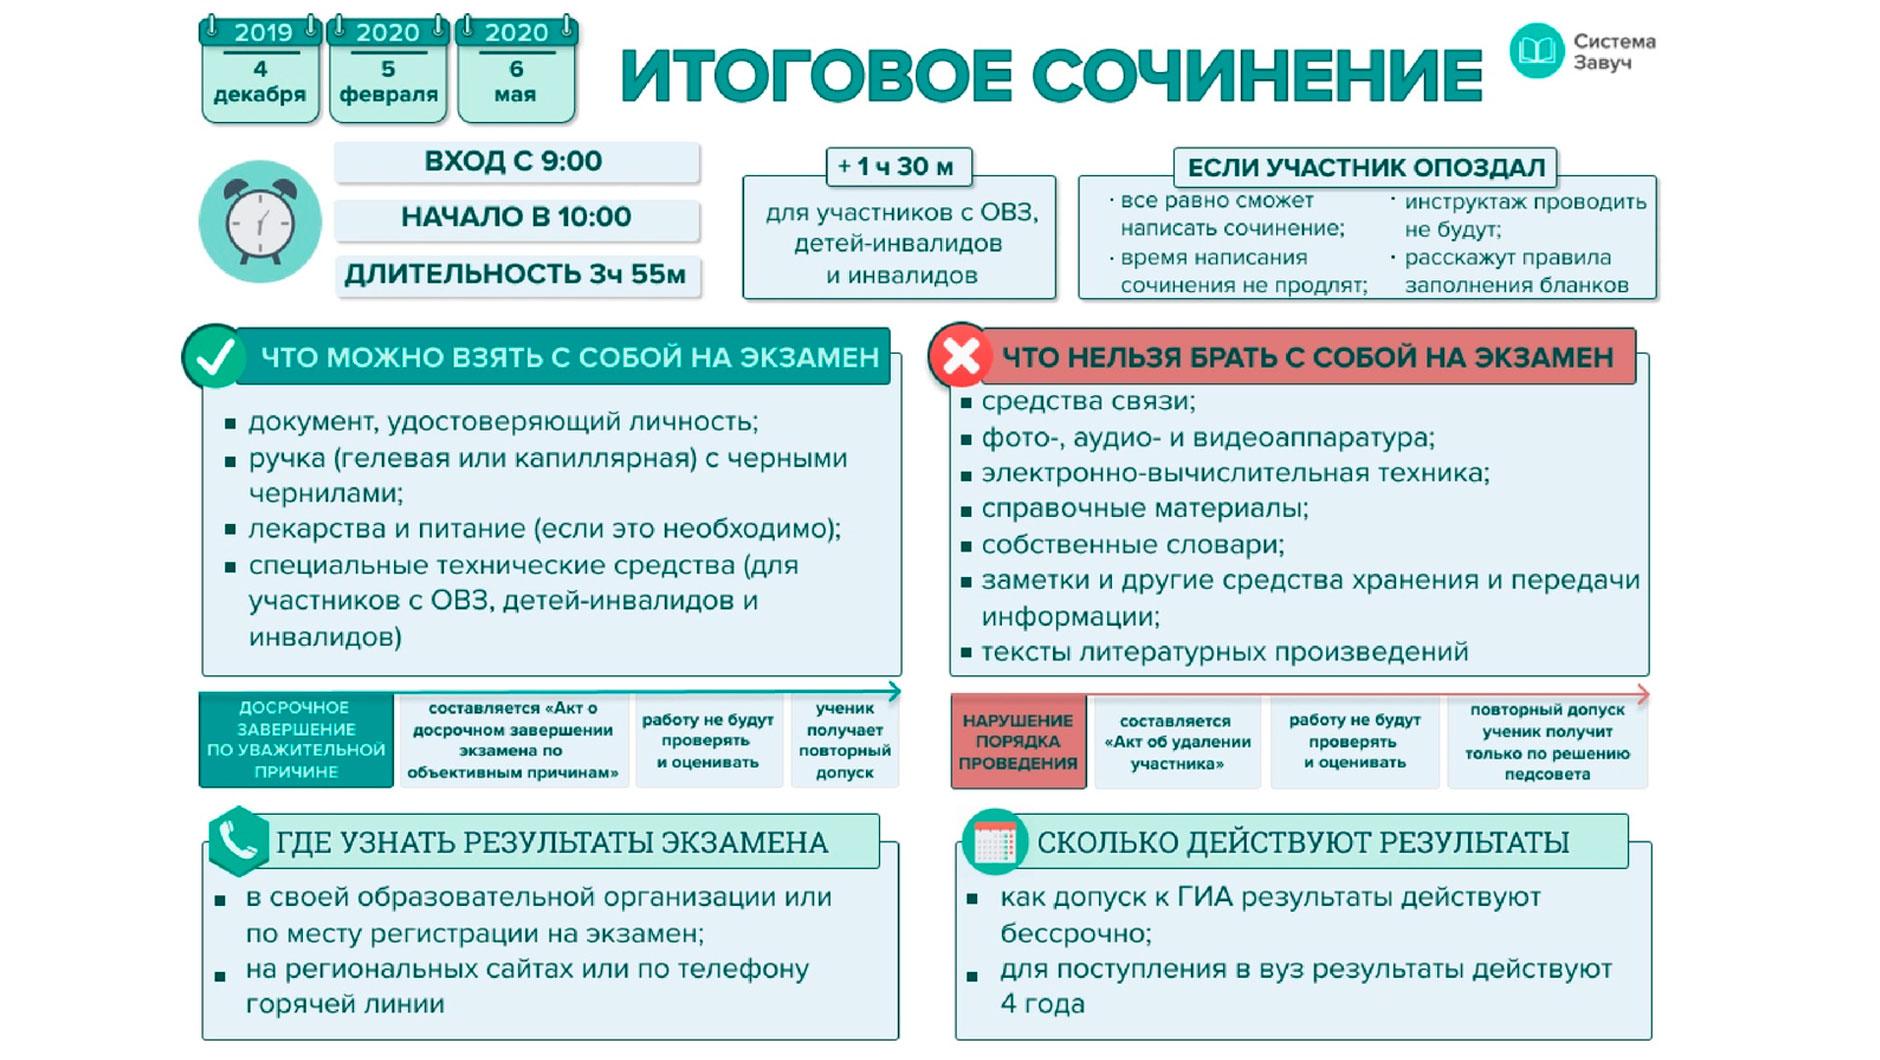 Регистрация белоруса по месту работы 2020